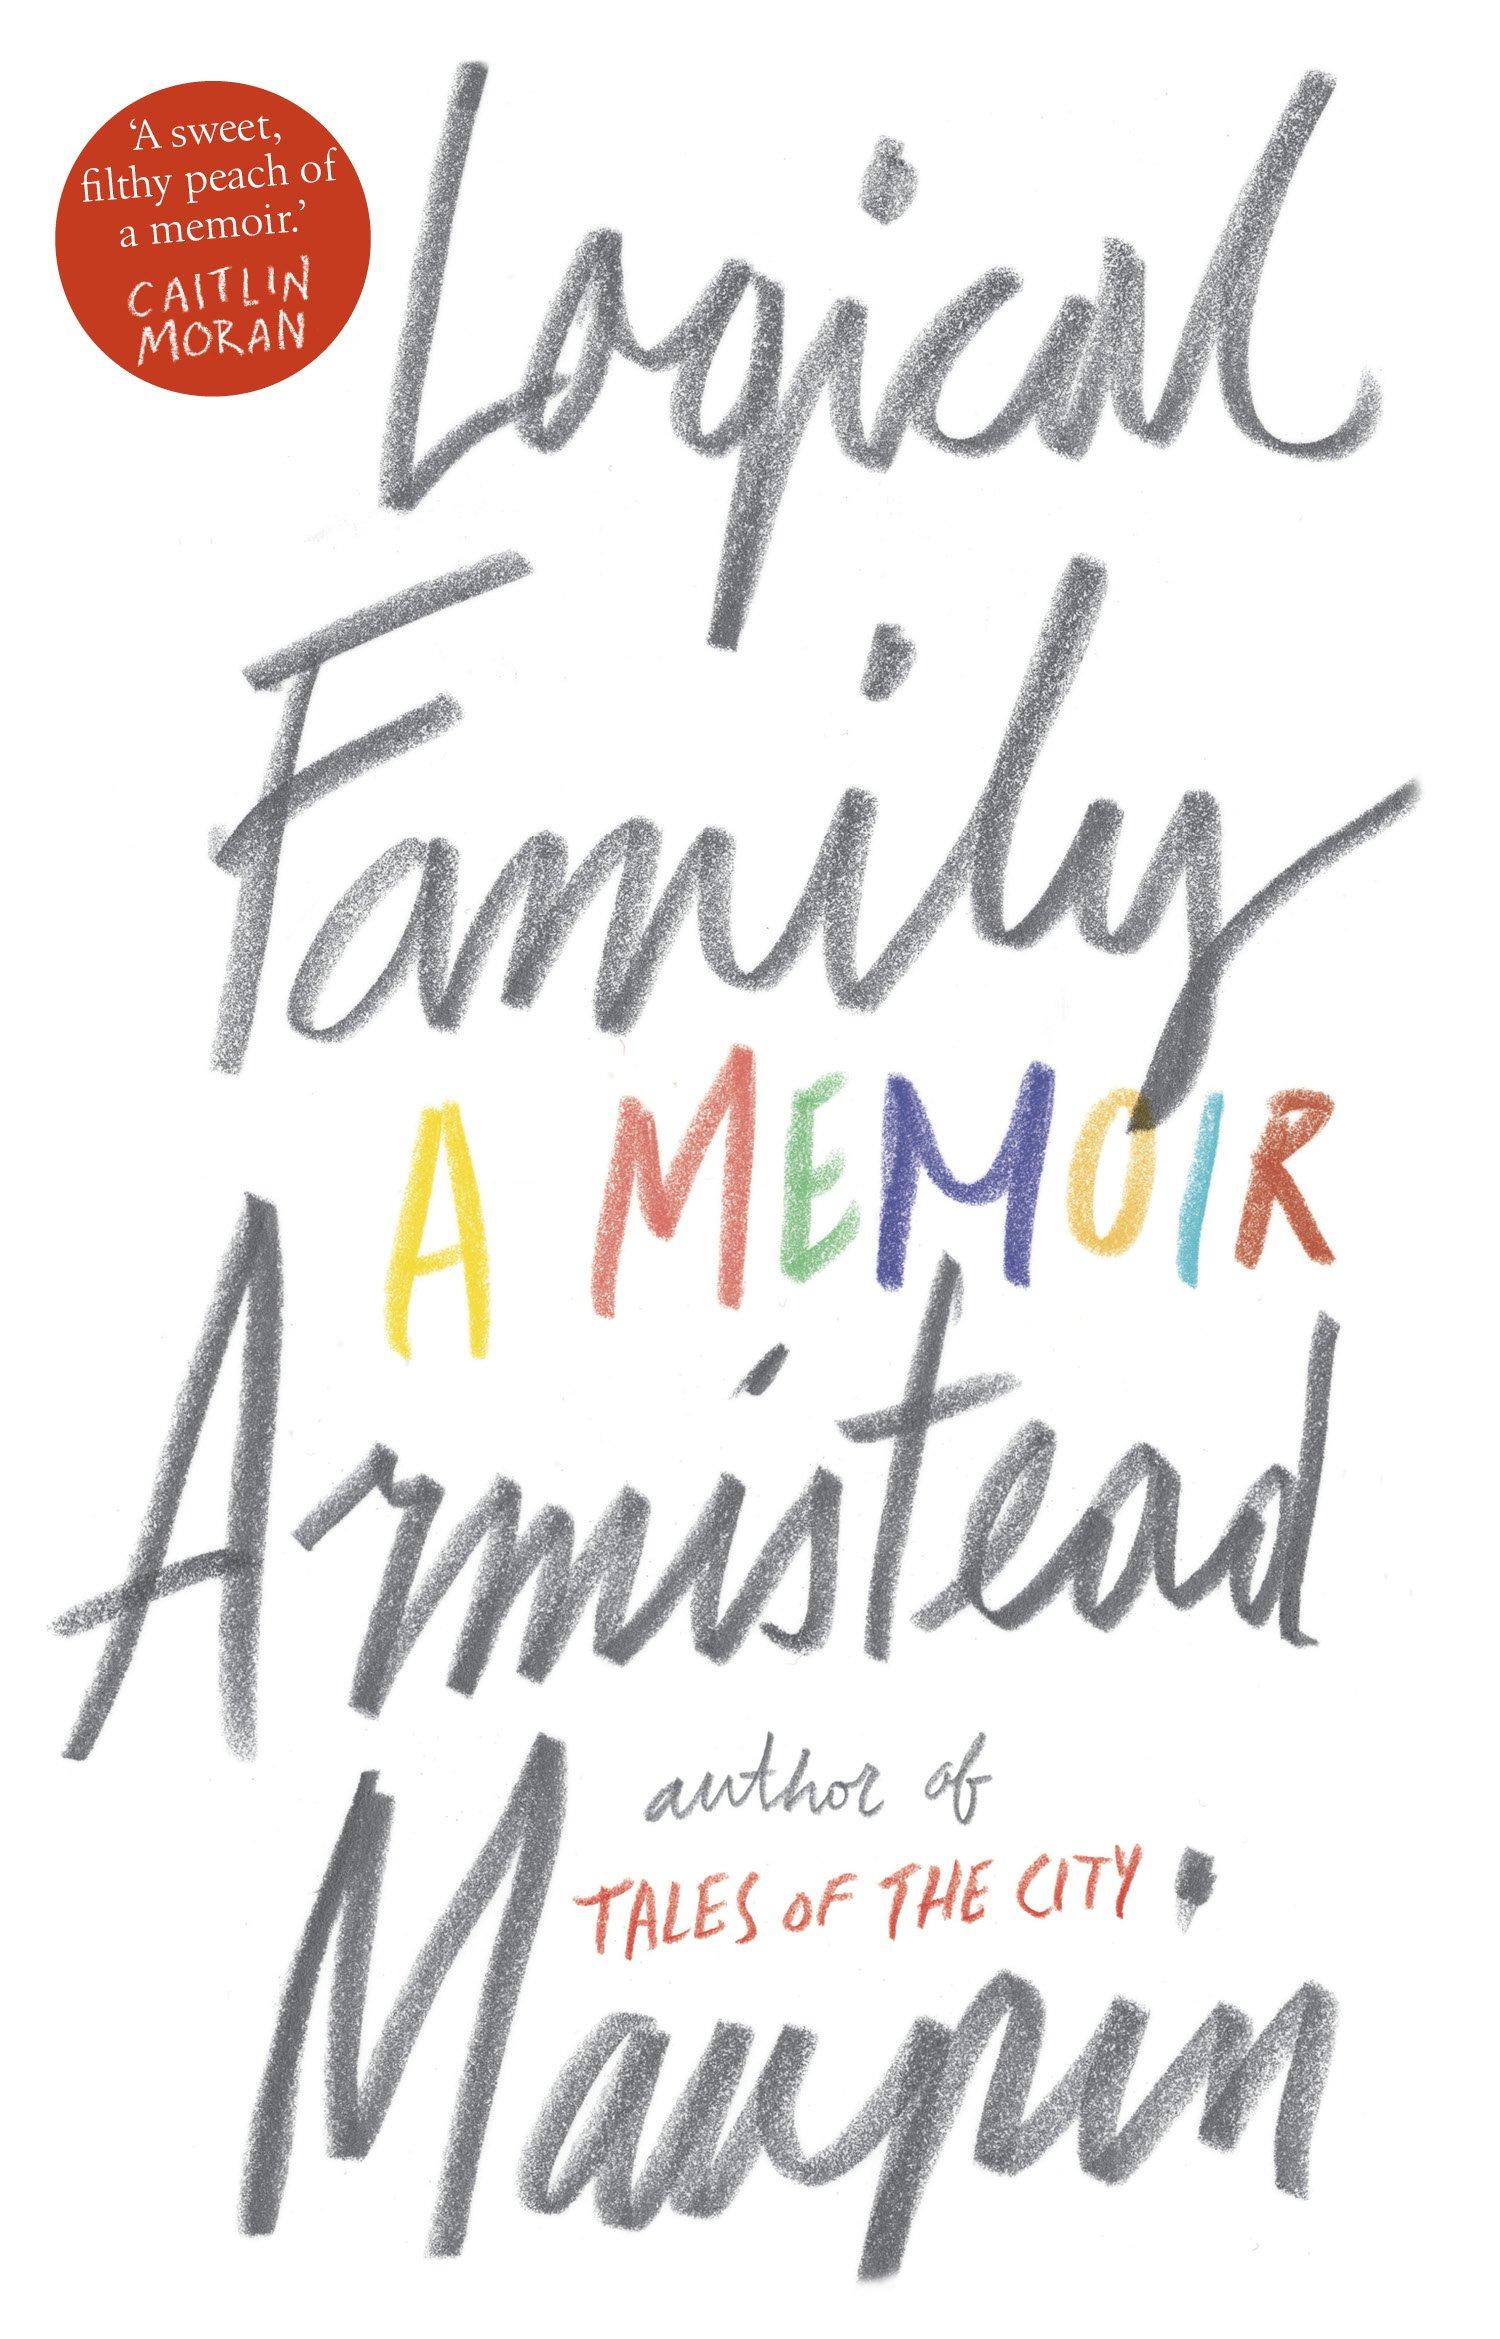 Logical Family: A Memoir: Armistead Maupin (author): 9781784161040:  Amazon.com: Books